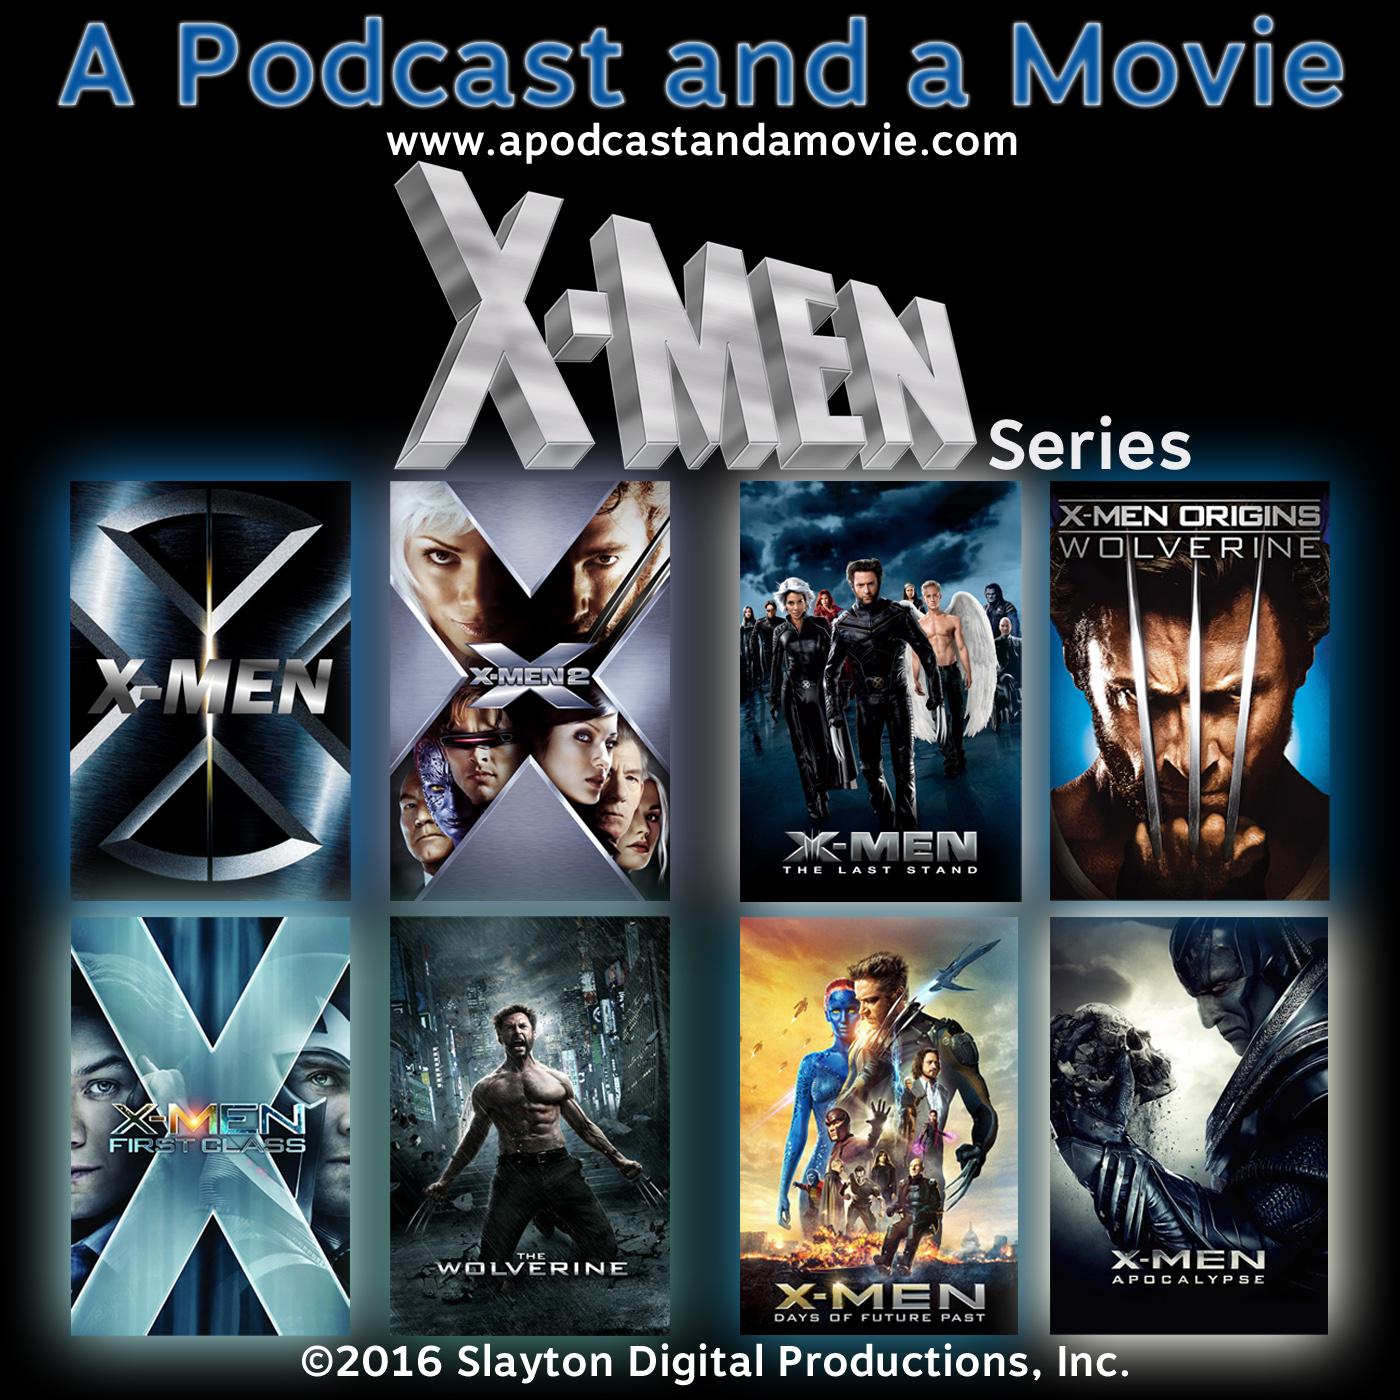 Artwork for X-Men (2000)